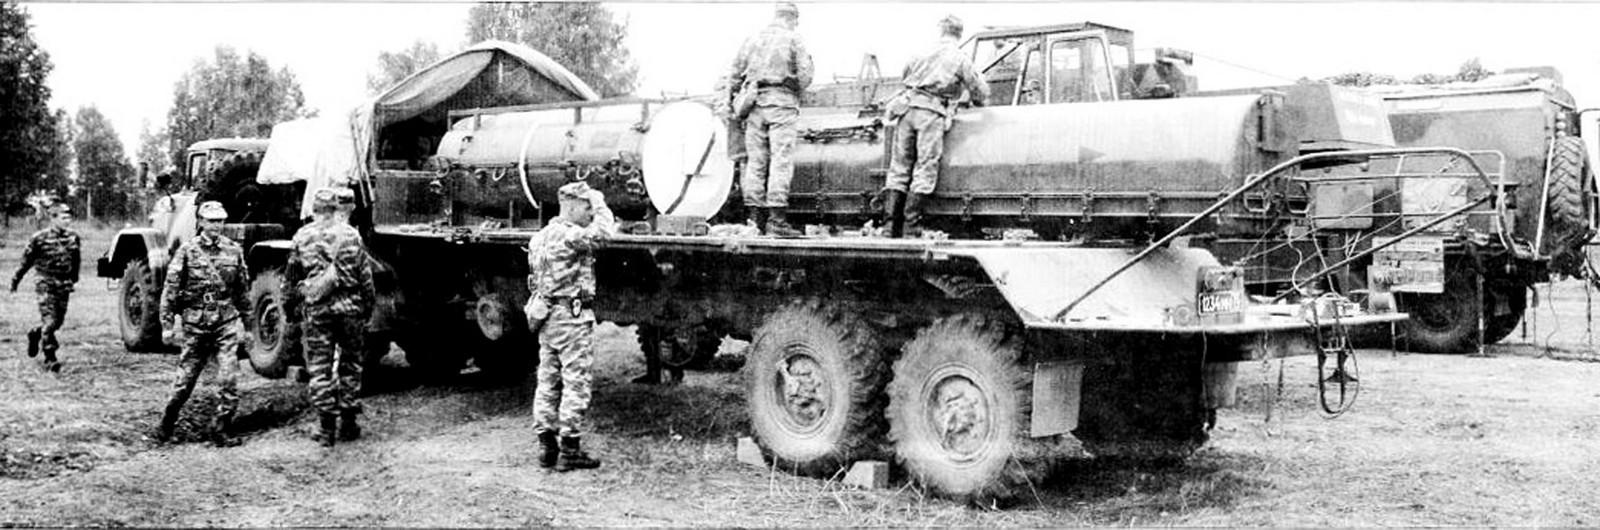 Активный пятиосный автопоезд для транспортировки ракетных систем и боеголовок